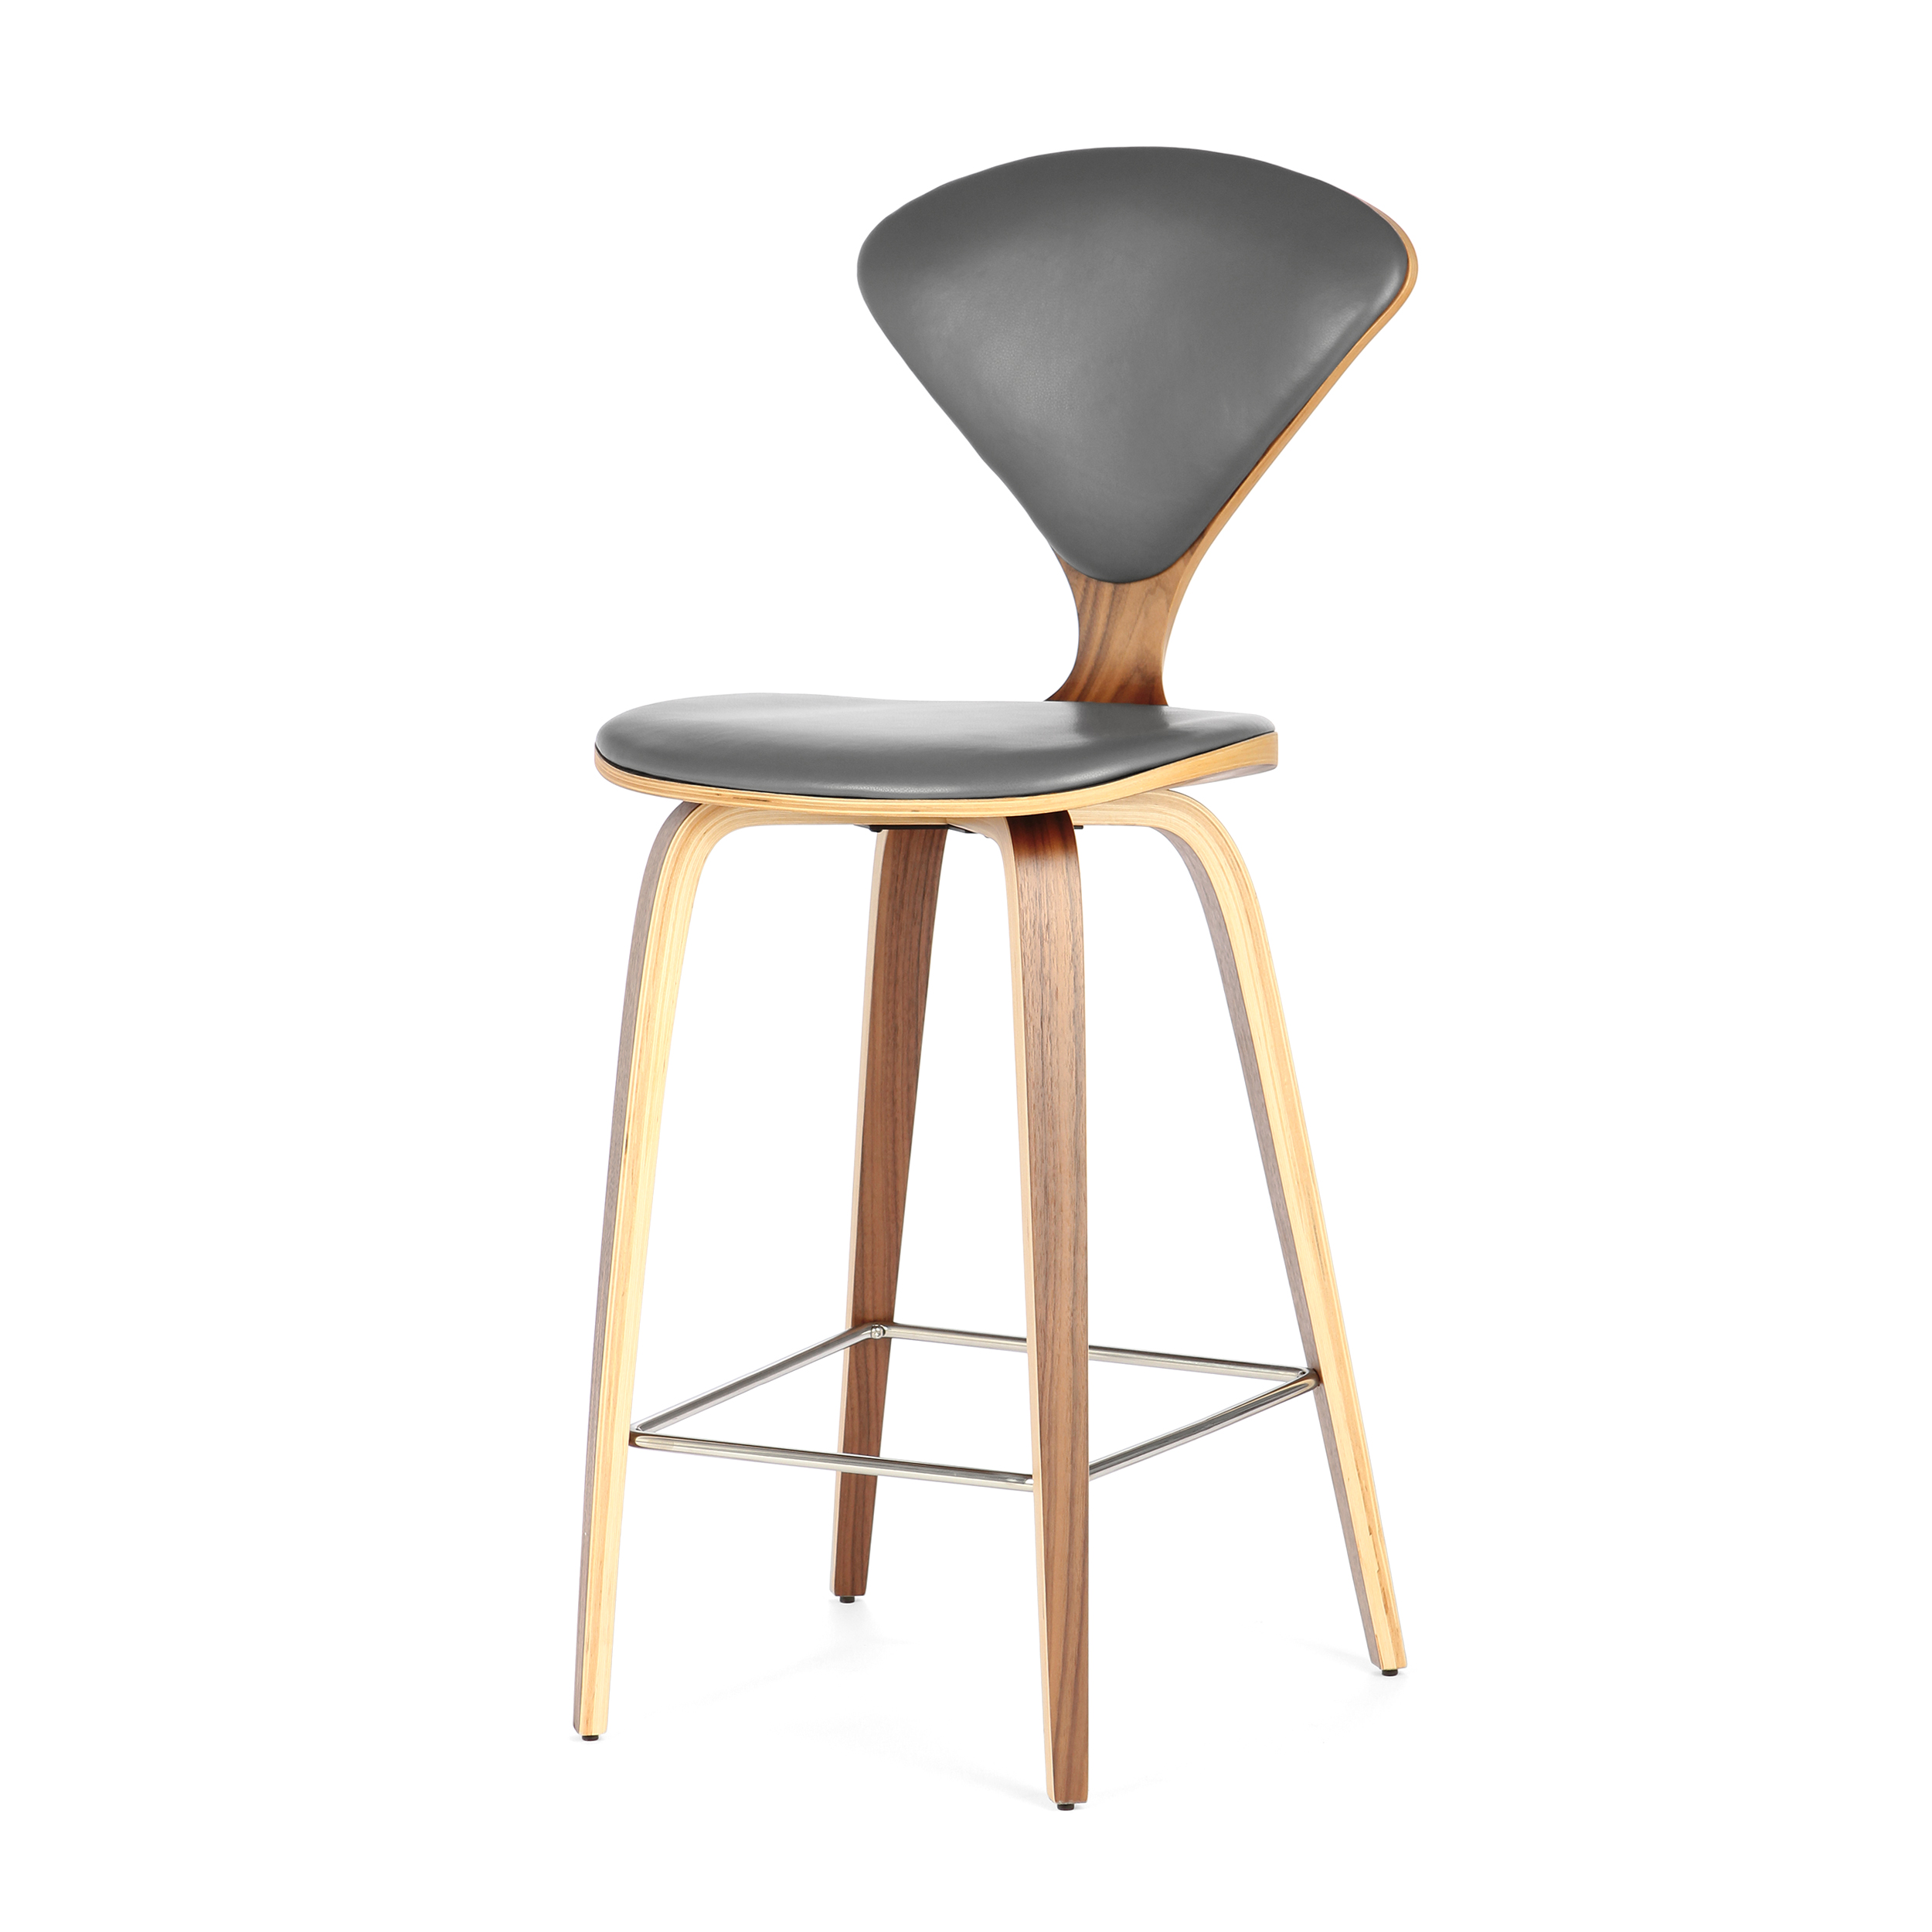 Барный стул Cherner с обивкой стул барный cosmo cherner